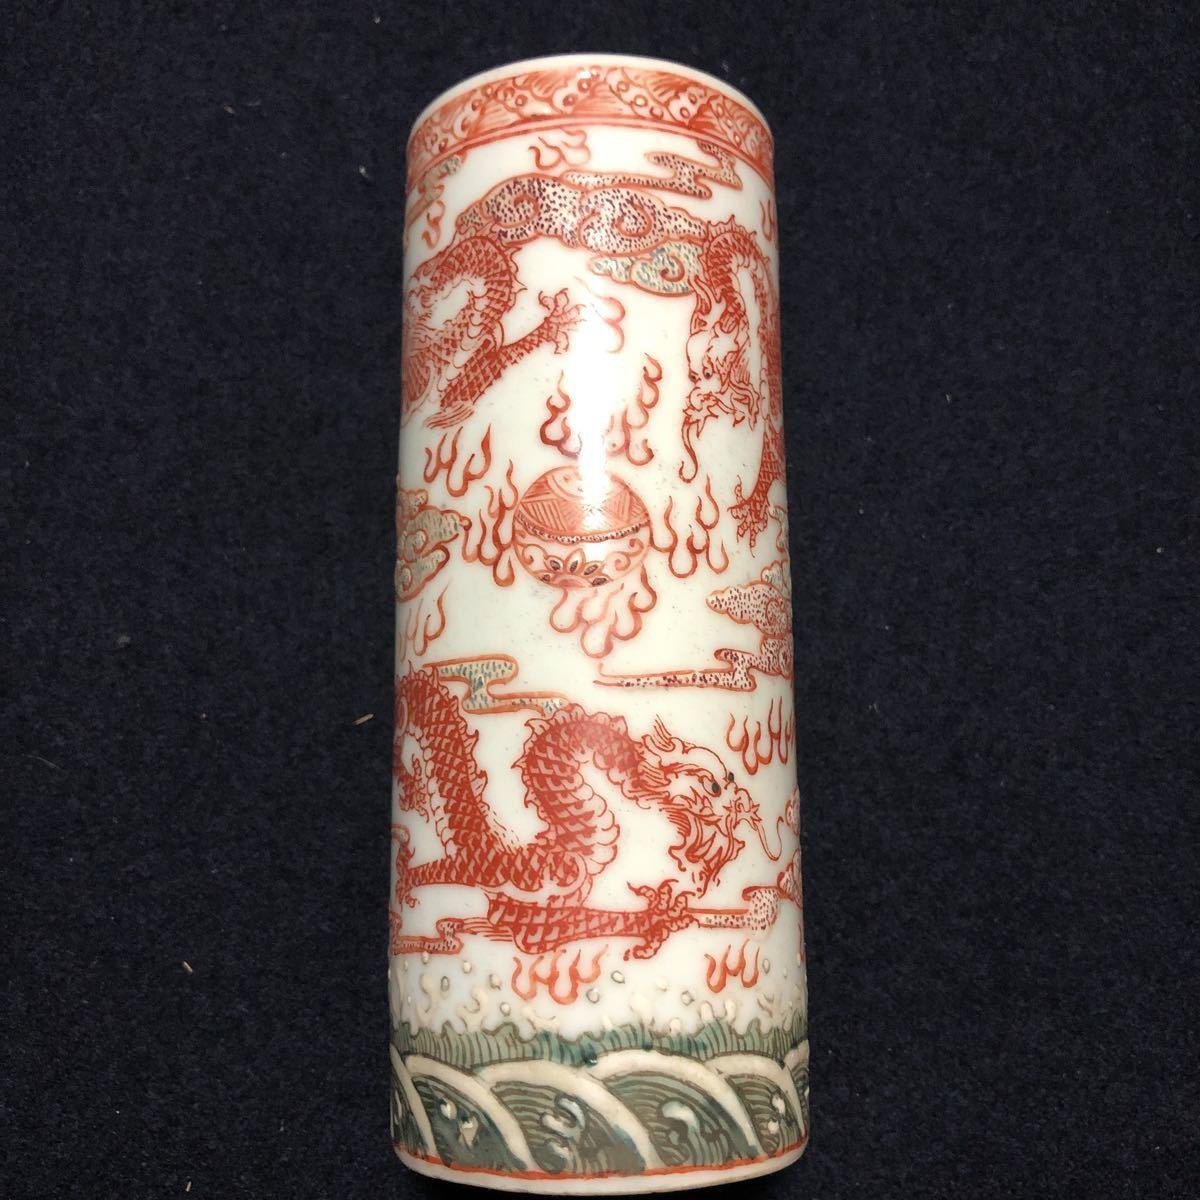 中国 古美術 古玩 在銘 慎德堂製 粉彩筆筒 龍紋 書道具 筆入れ(ゆうパック着払い)_画像4